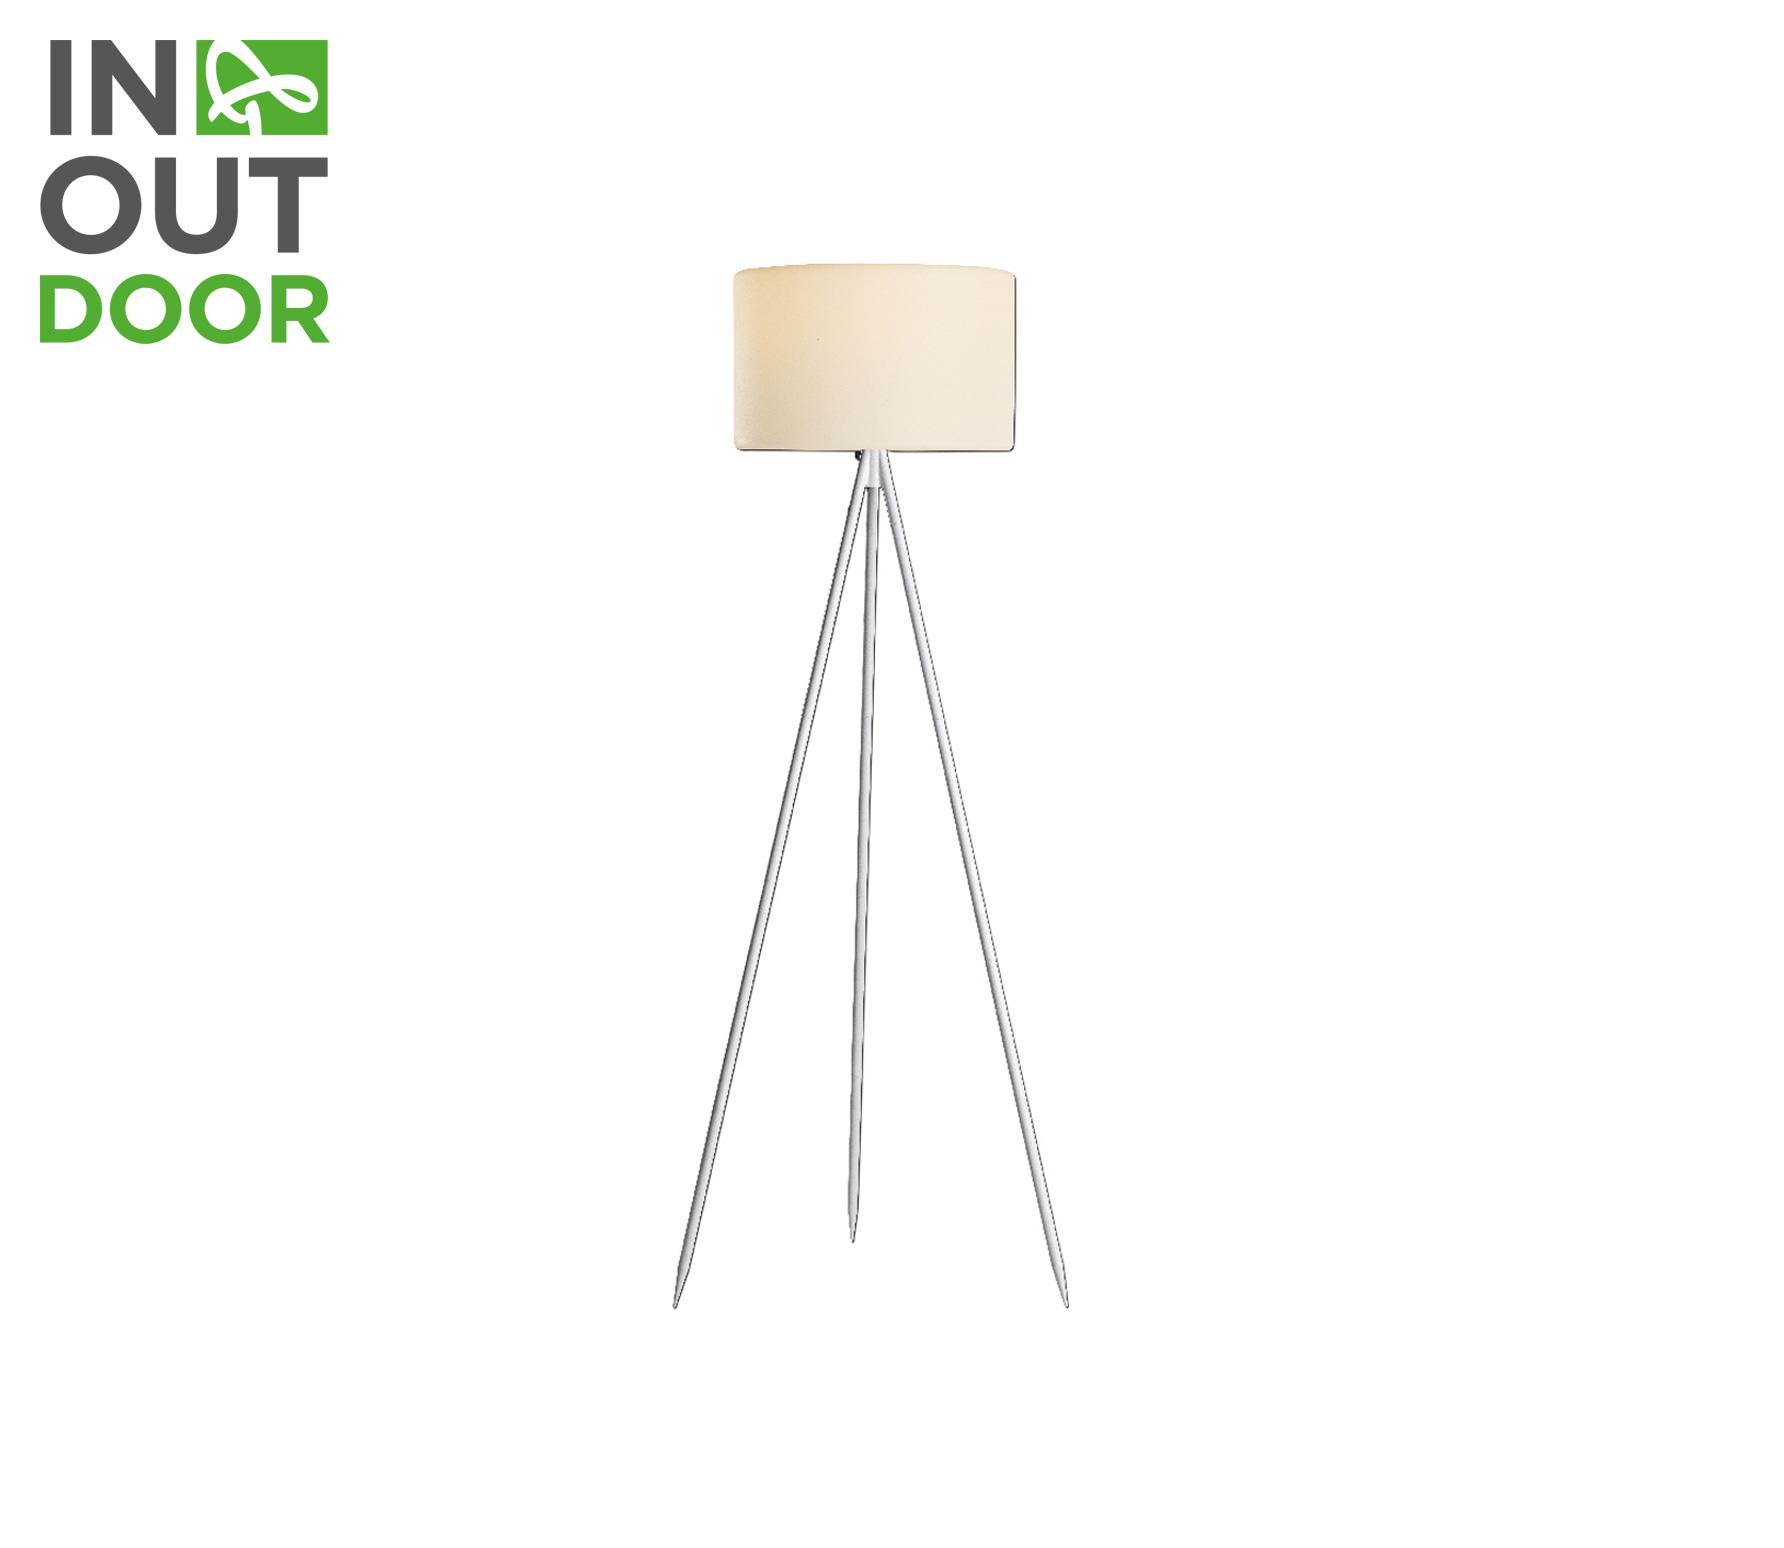 Buitenlamp vloerlamp driepoot 145 cm aluminium/stof zilver/wit